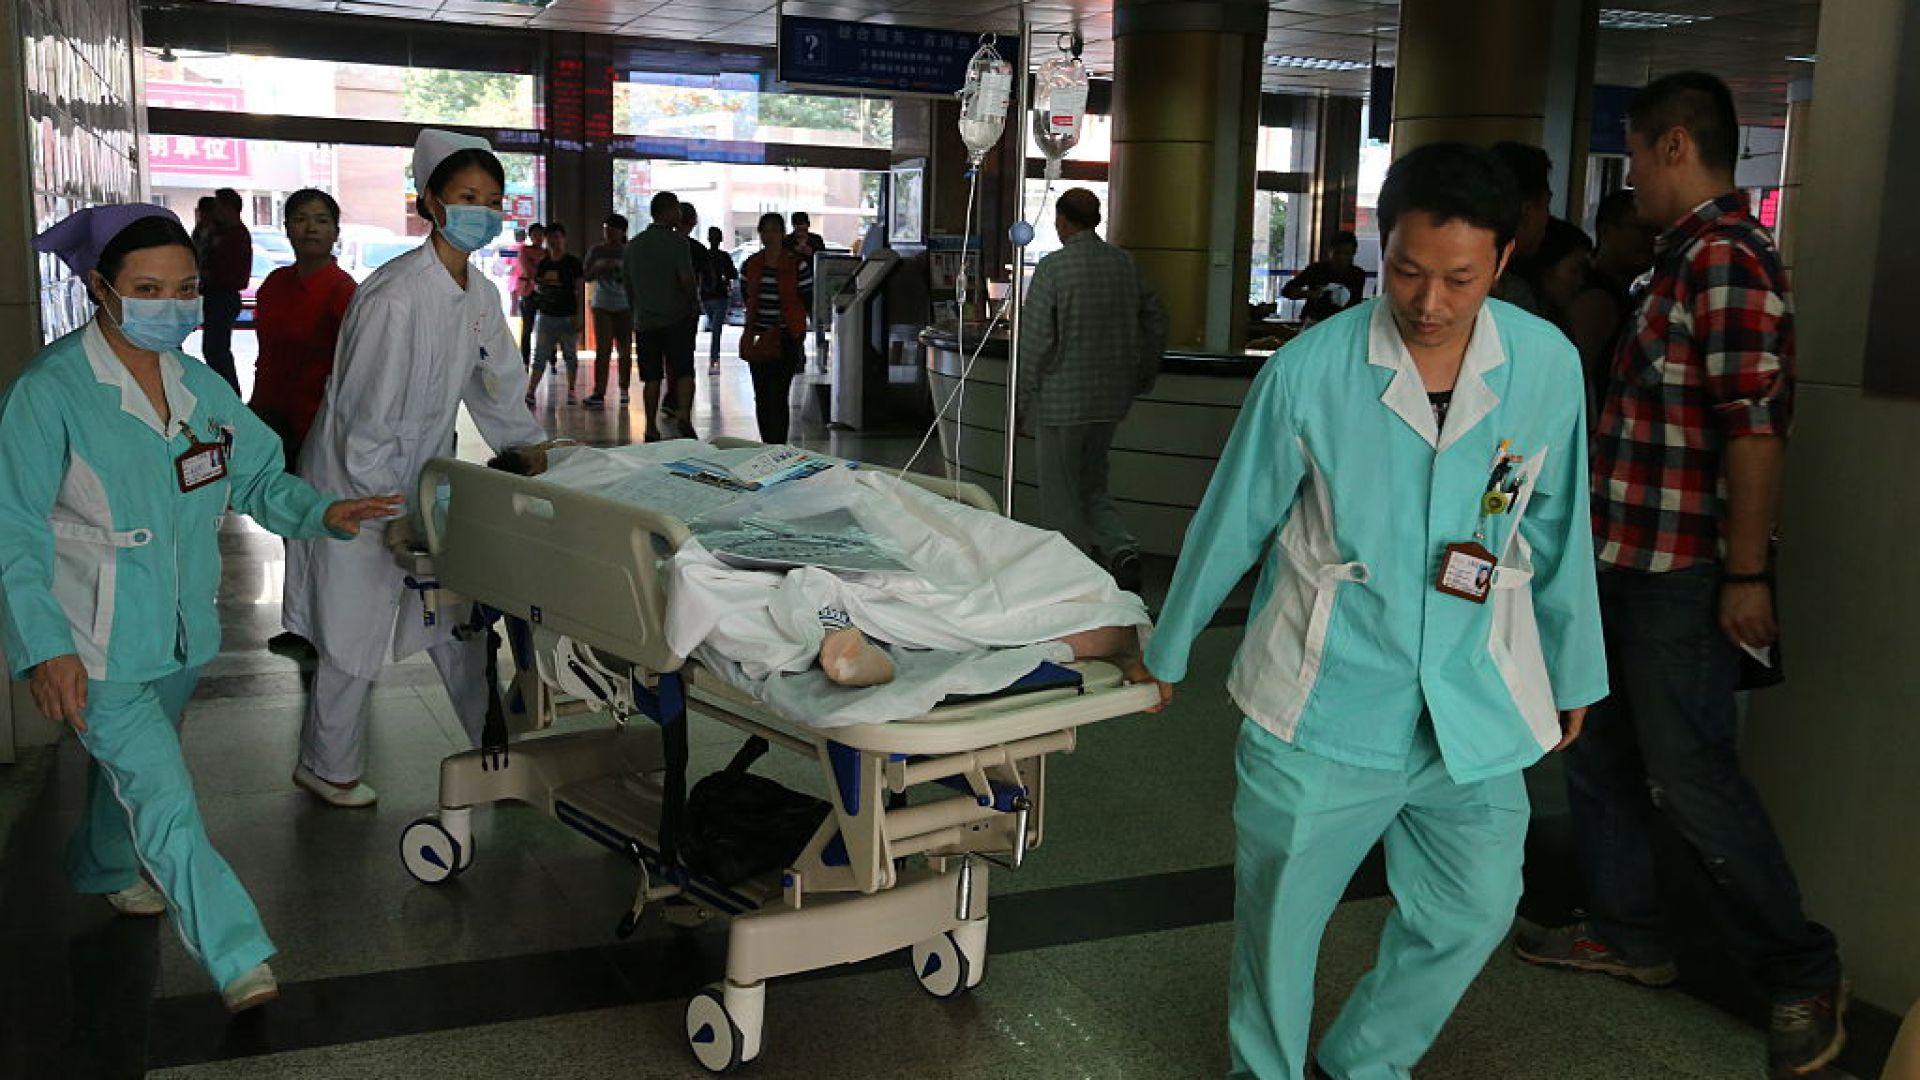 16 деца и двама възрастни са ранени при атака с нож в детска градина в Китай